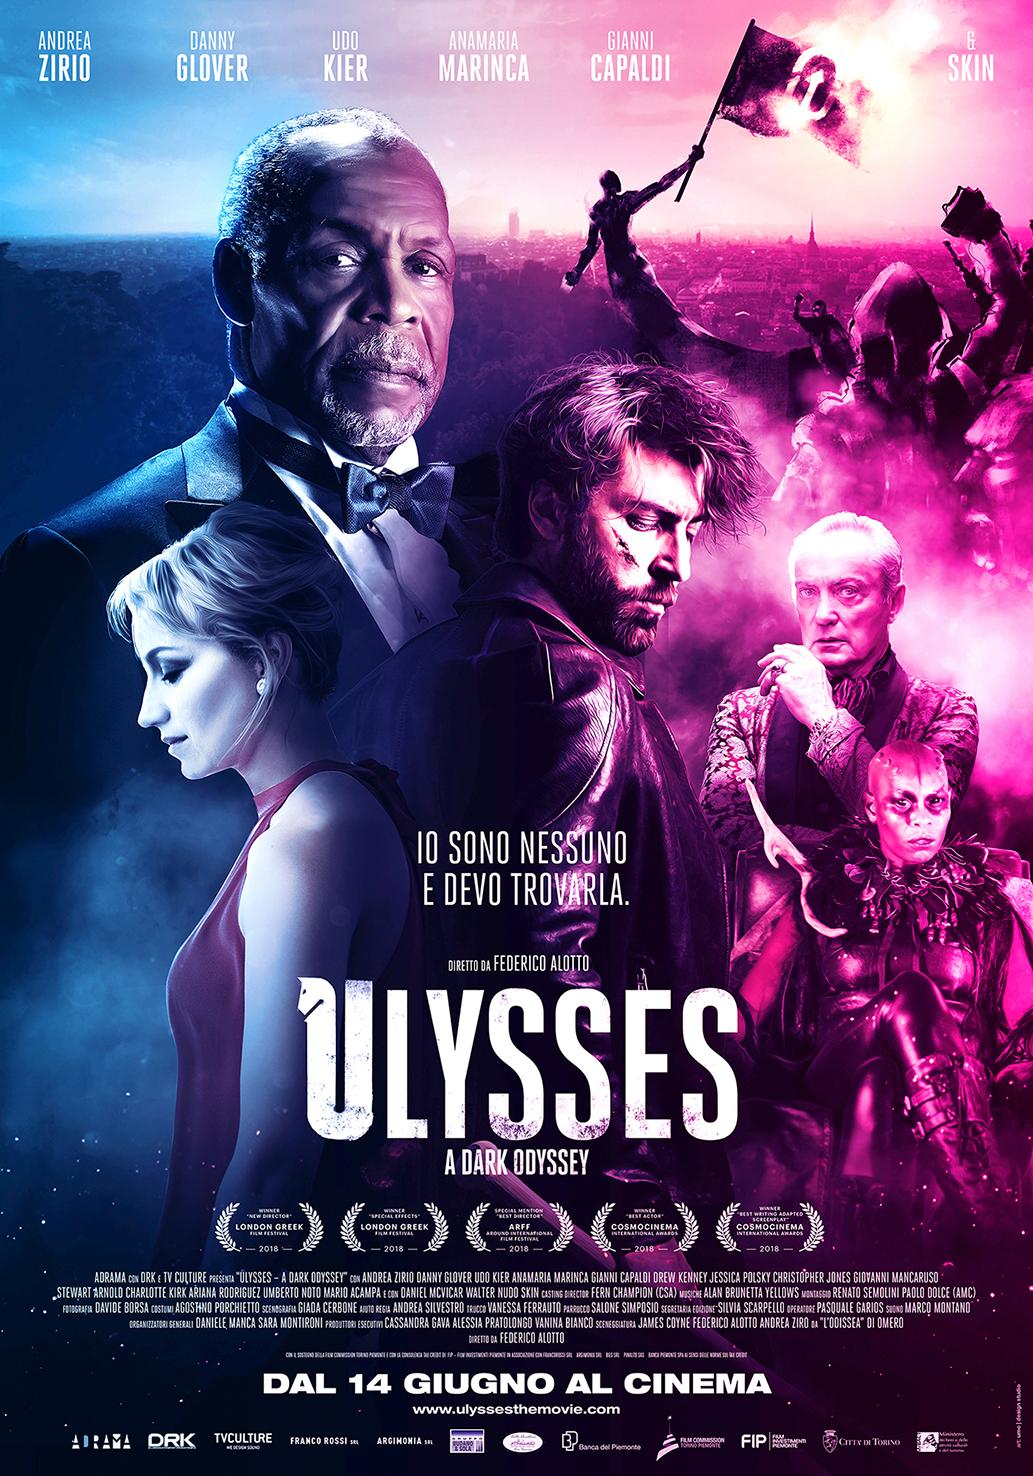 Ulysses, A Dark Odyssey, film, 2018 © Adrama